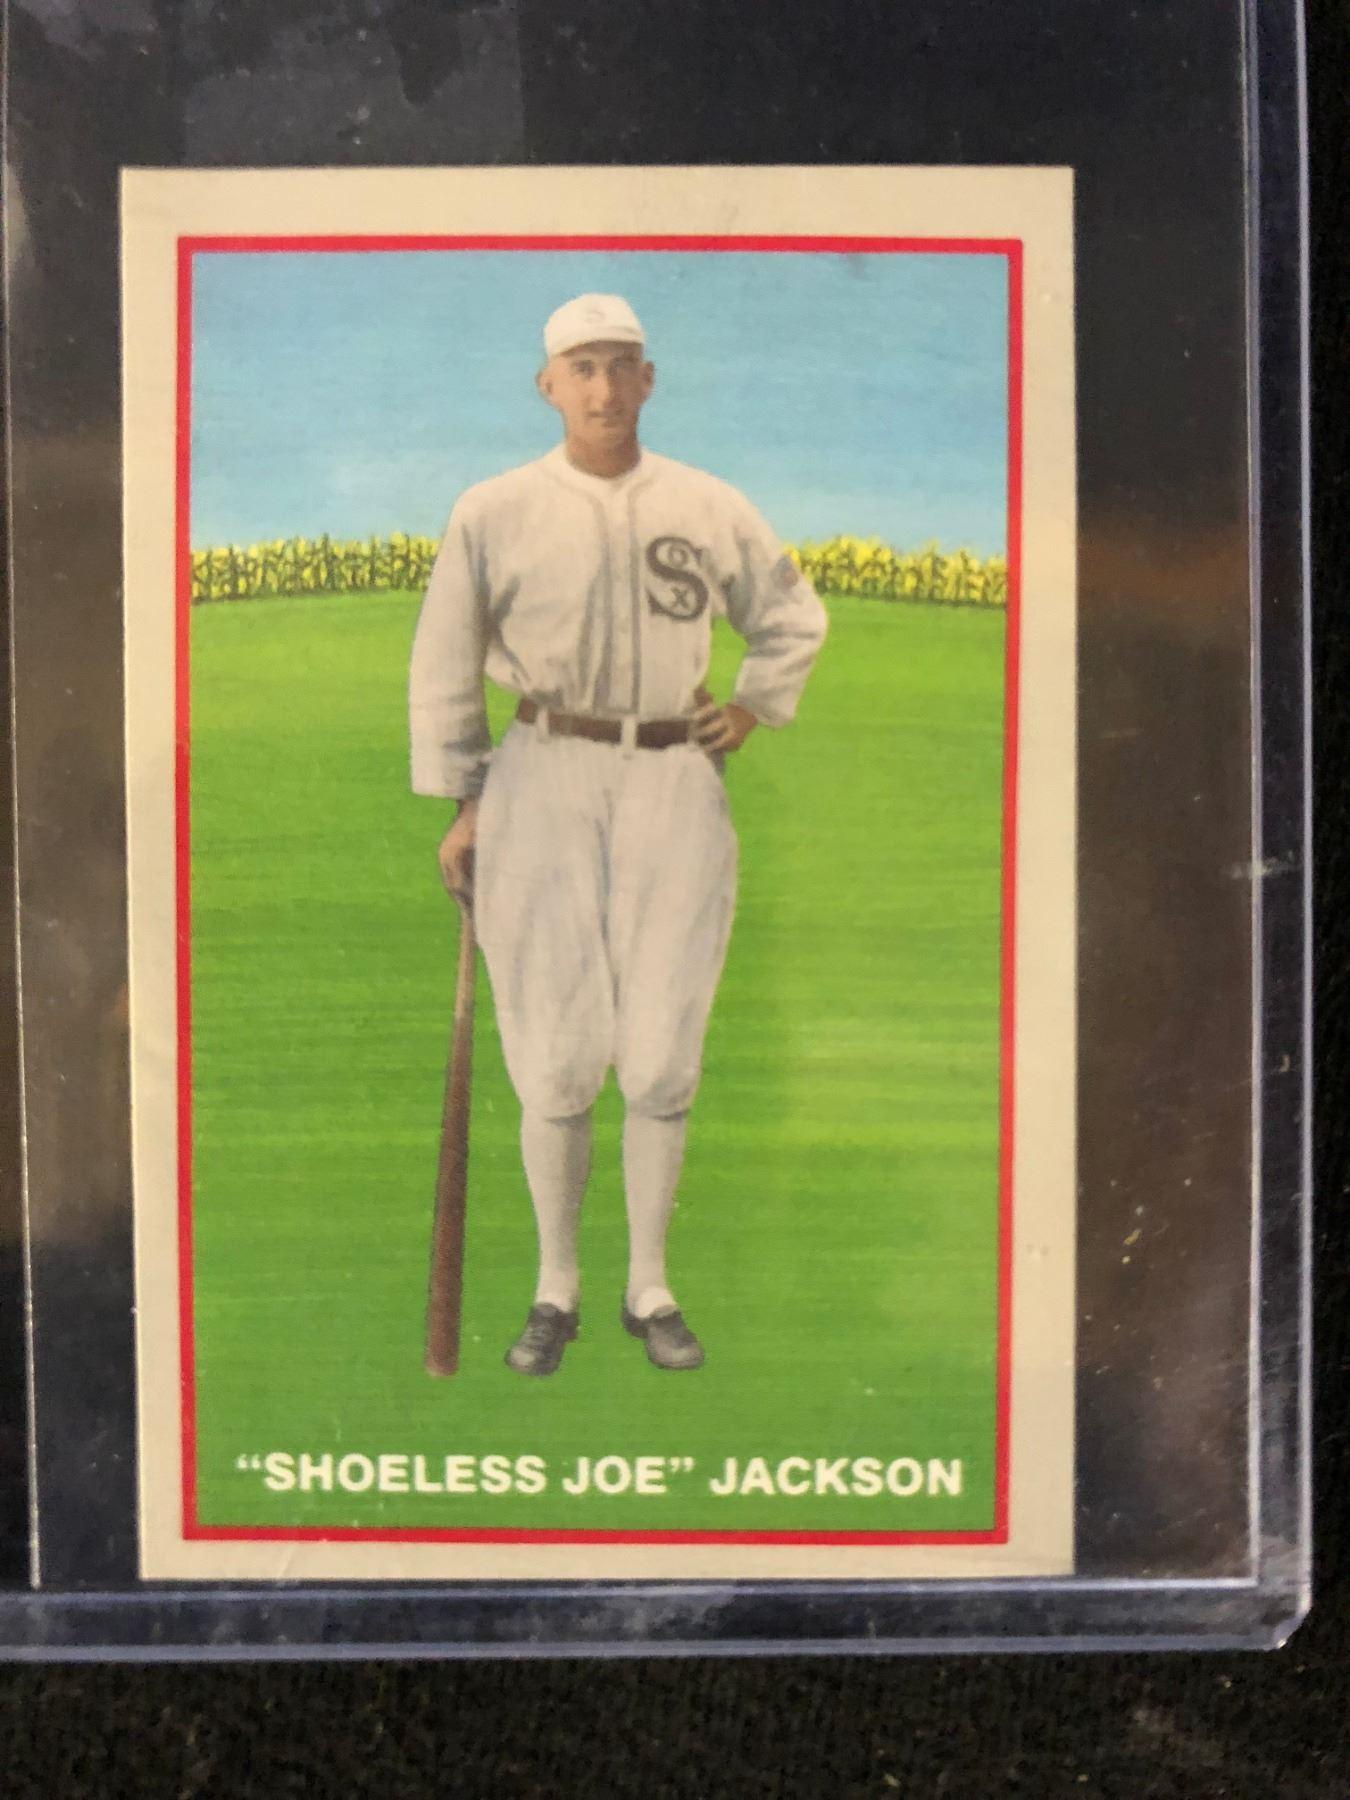 1933 Shoeless Joe Jackson Baseball Card Reprint